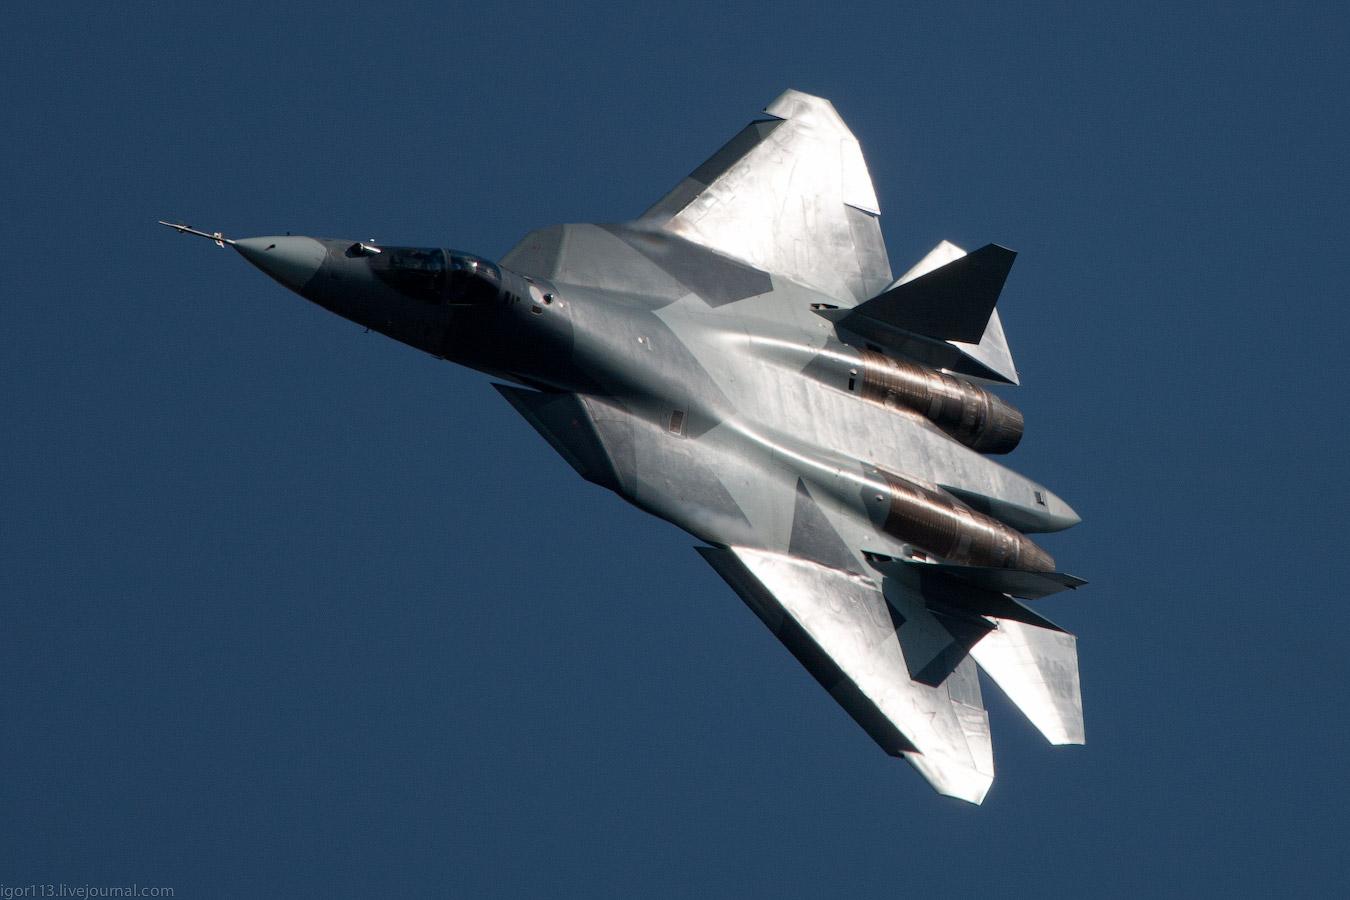 Três inovações no armamento russo para o século 21